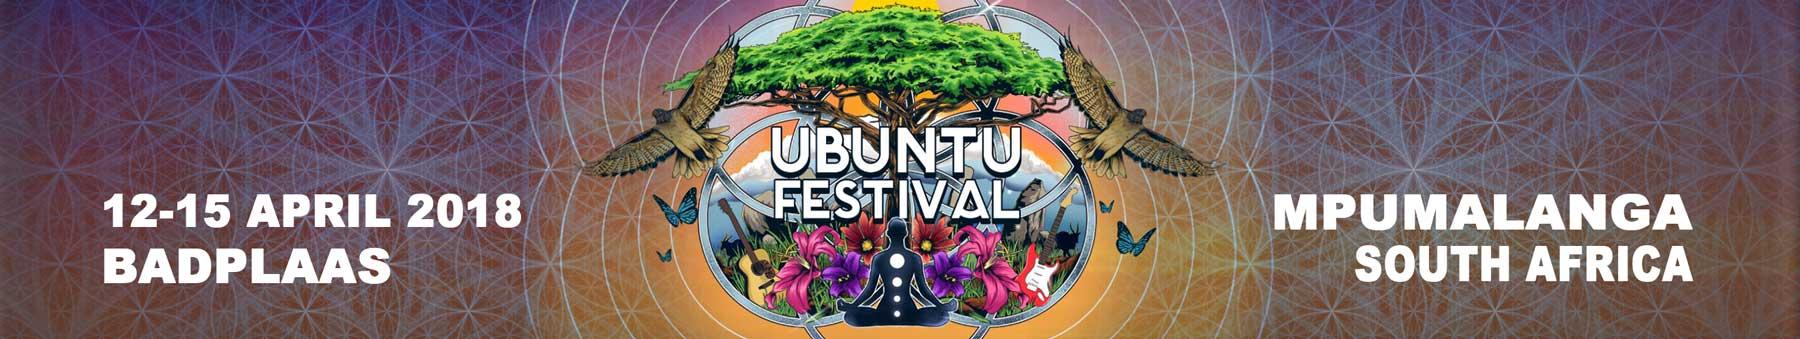 UBUNUT-CROP-3.jpg